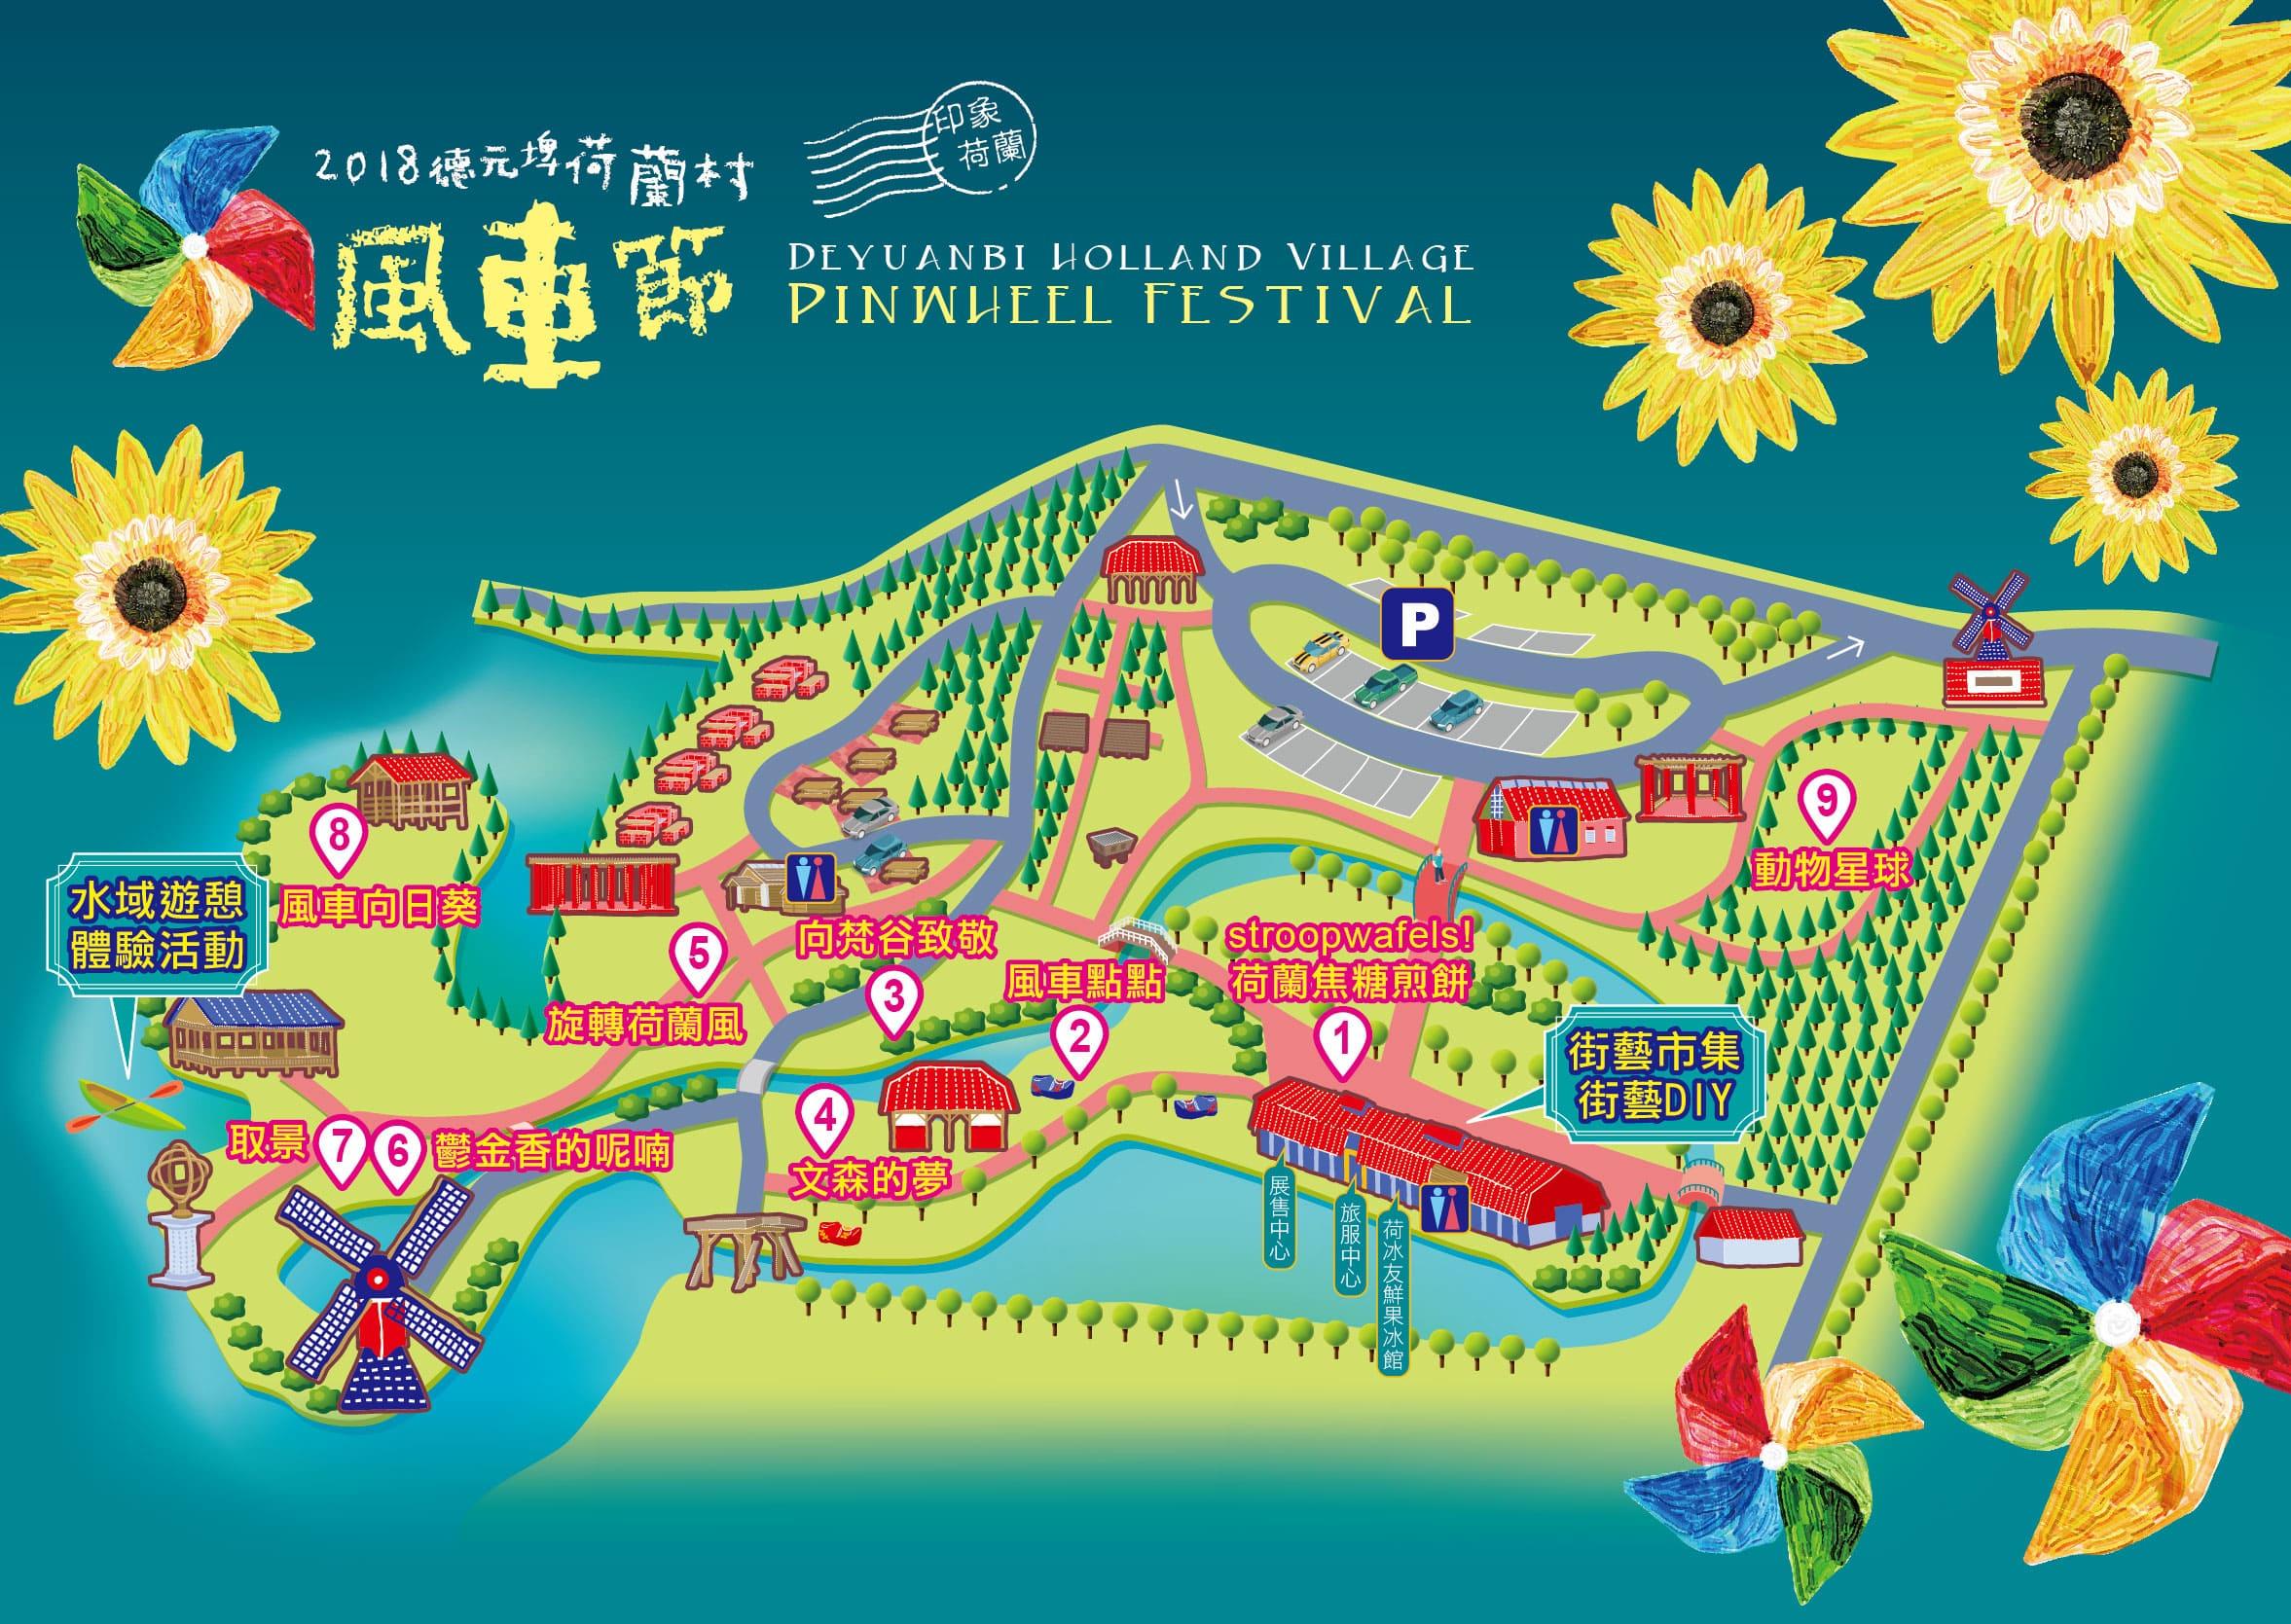 2018風車節地圖